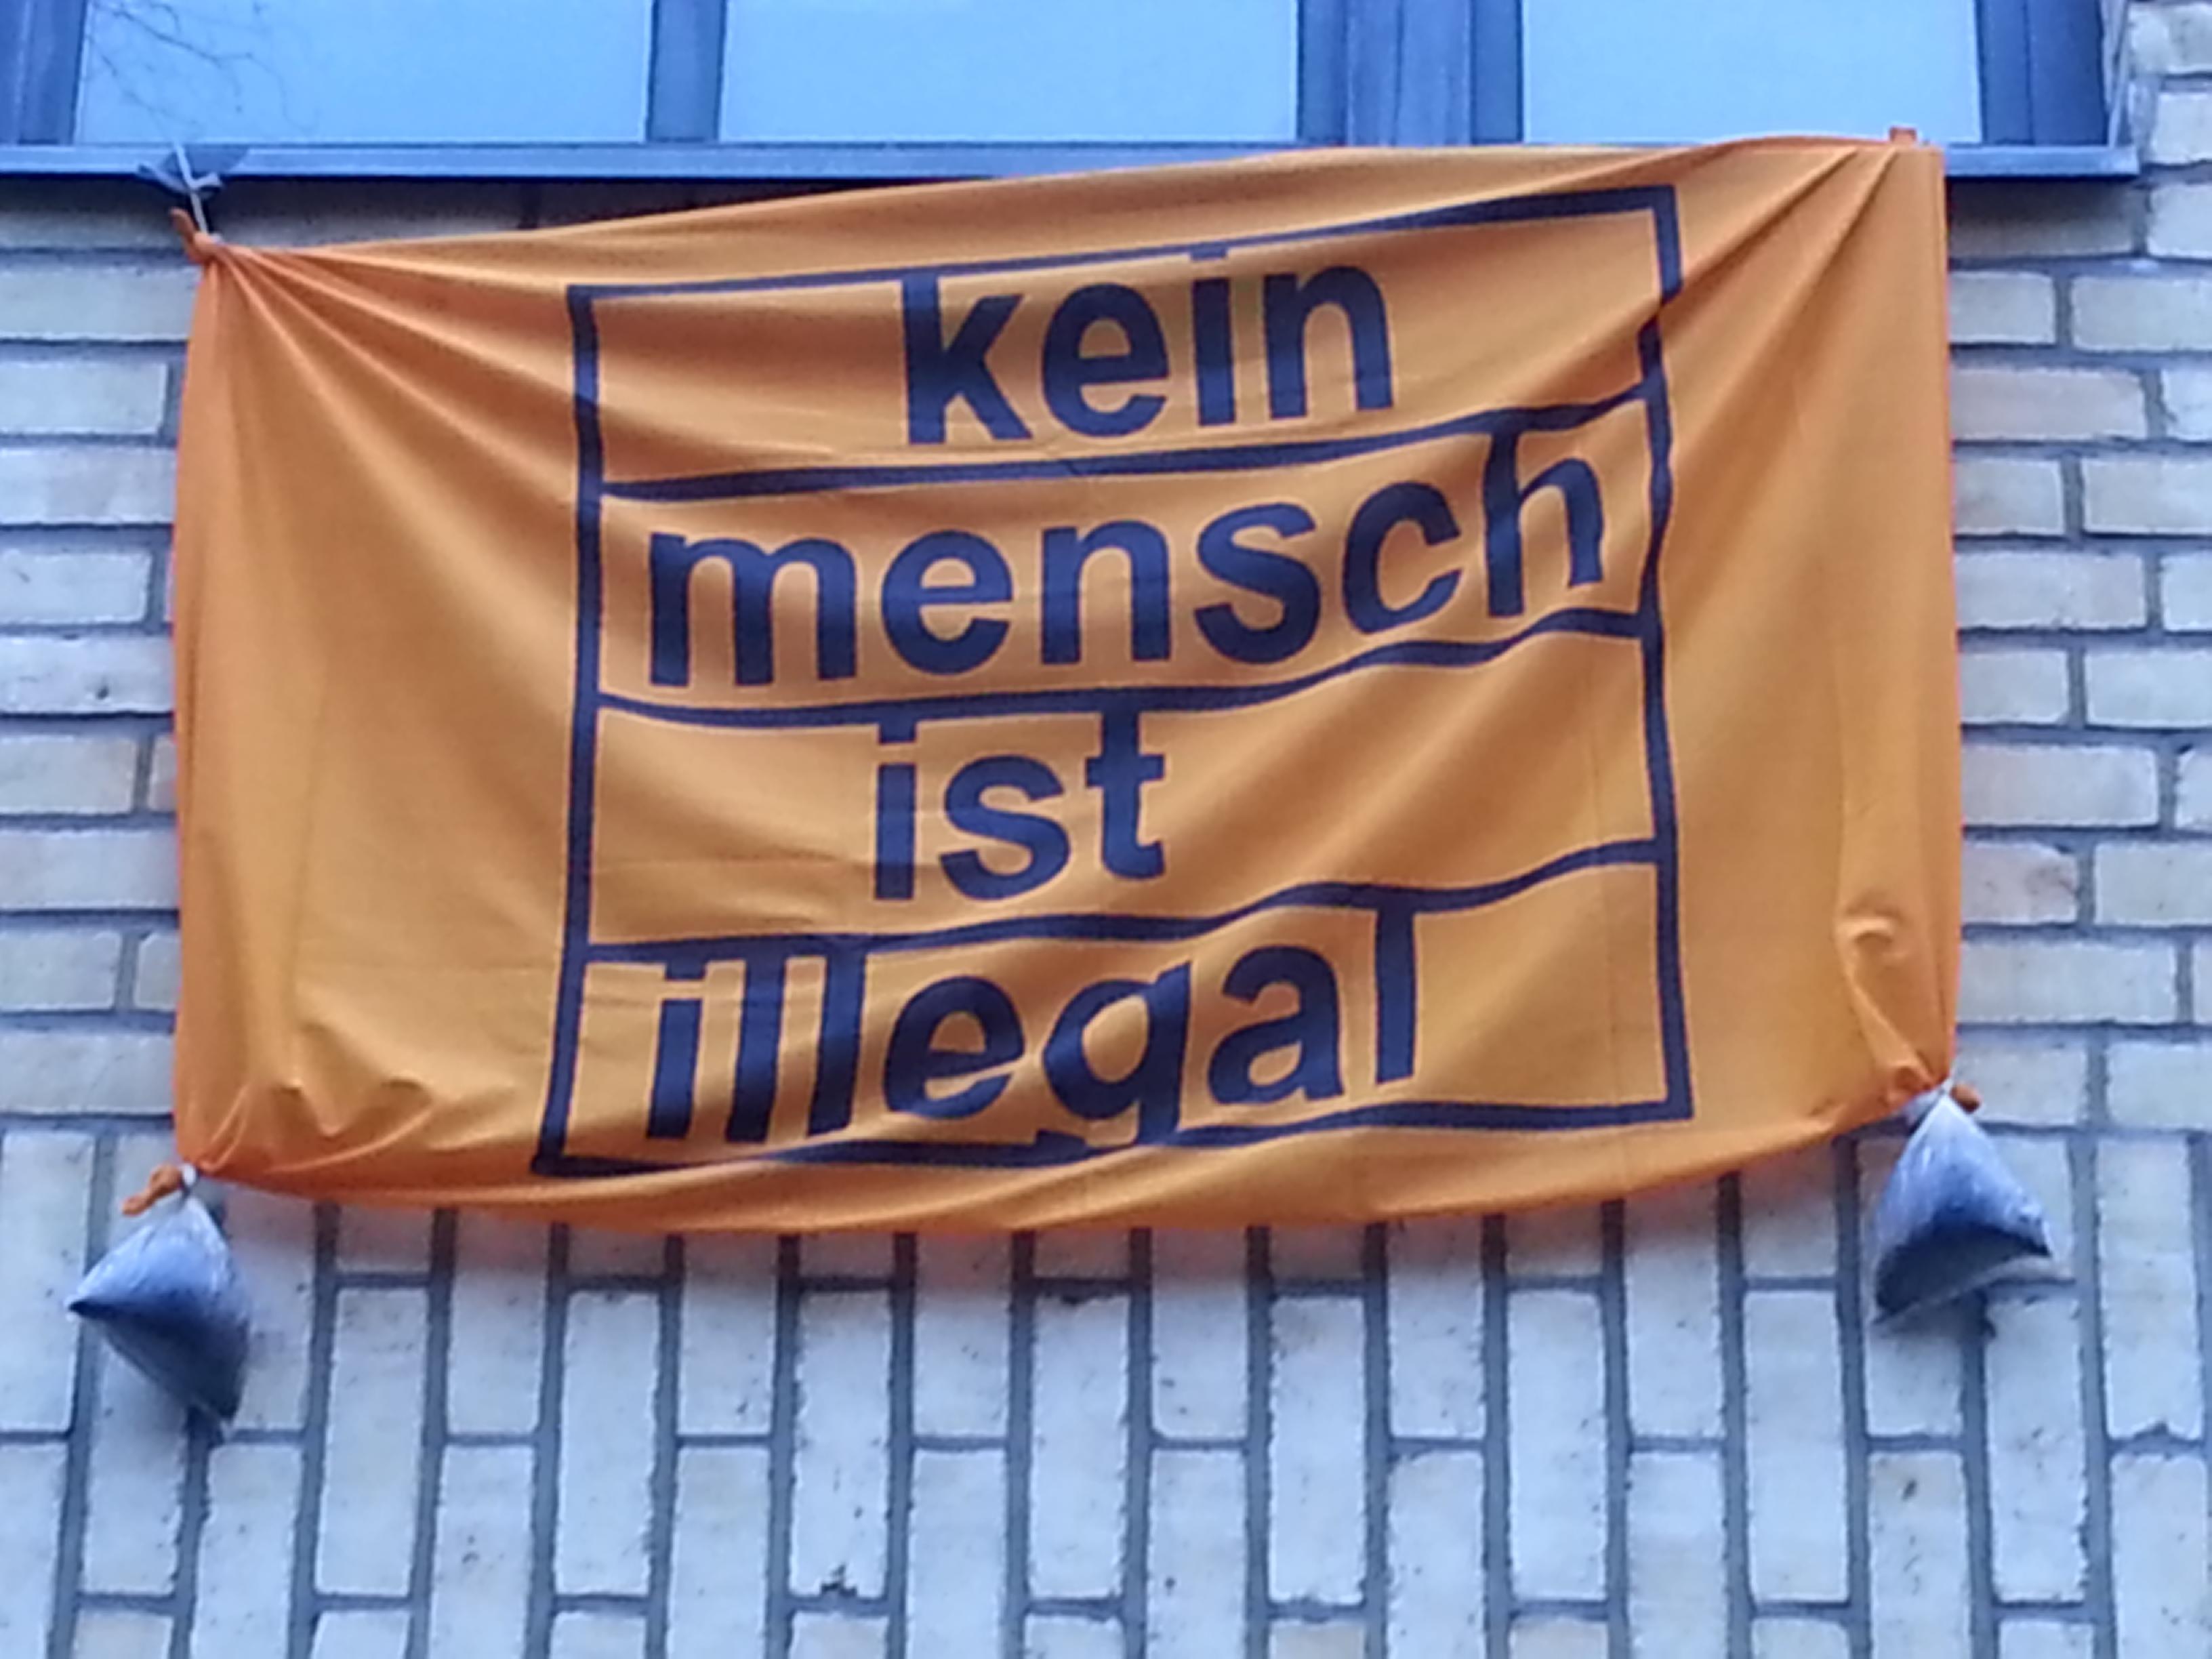 kein mensch ist illegal! schloss19 falken berlin